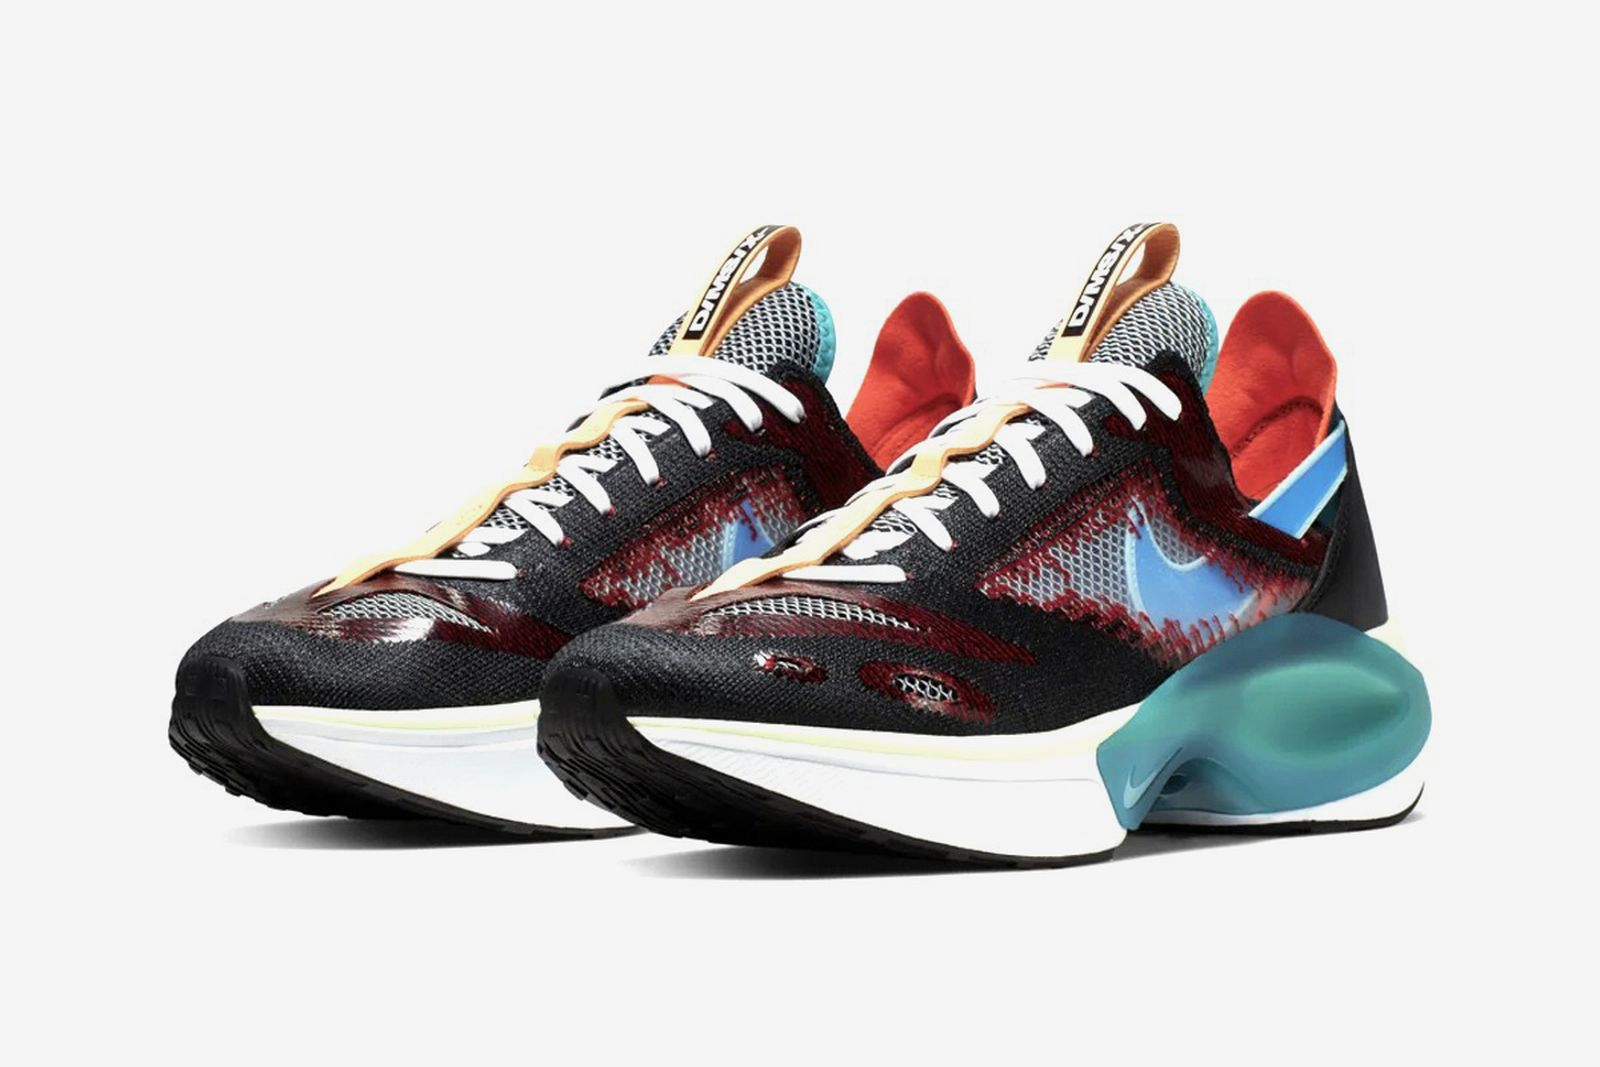 nike n110 dmsx dimsix release date price Nike N110 D/MS/X DIMSIX